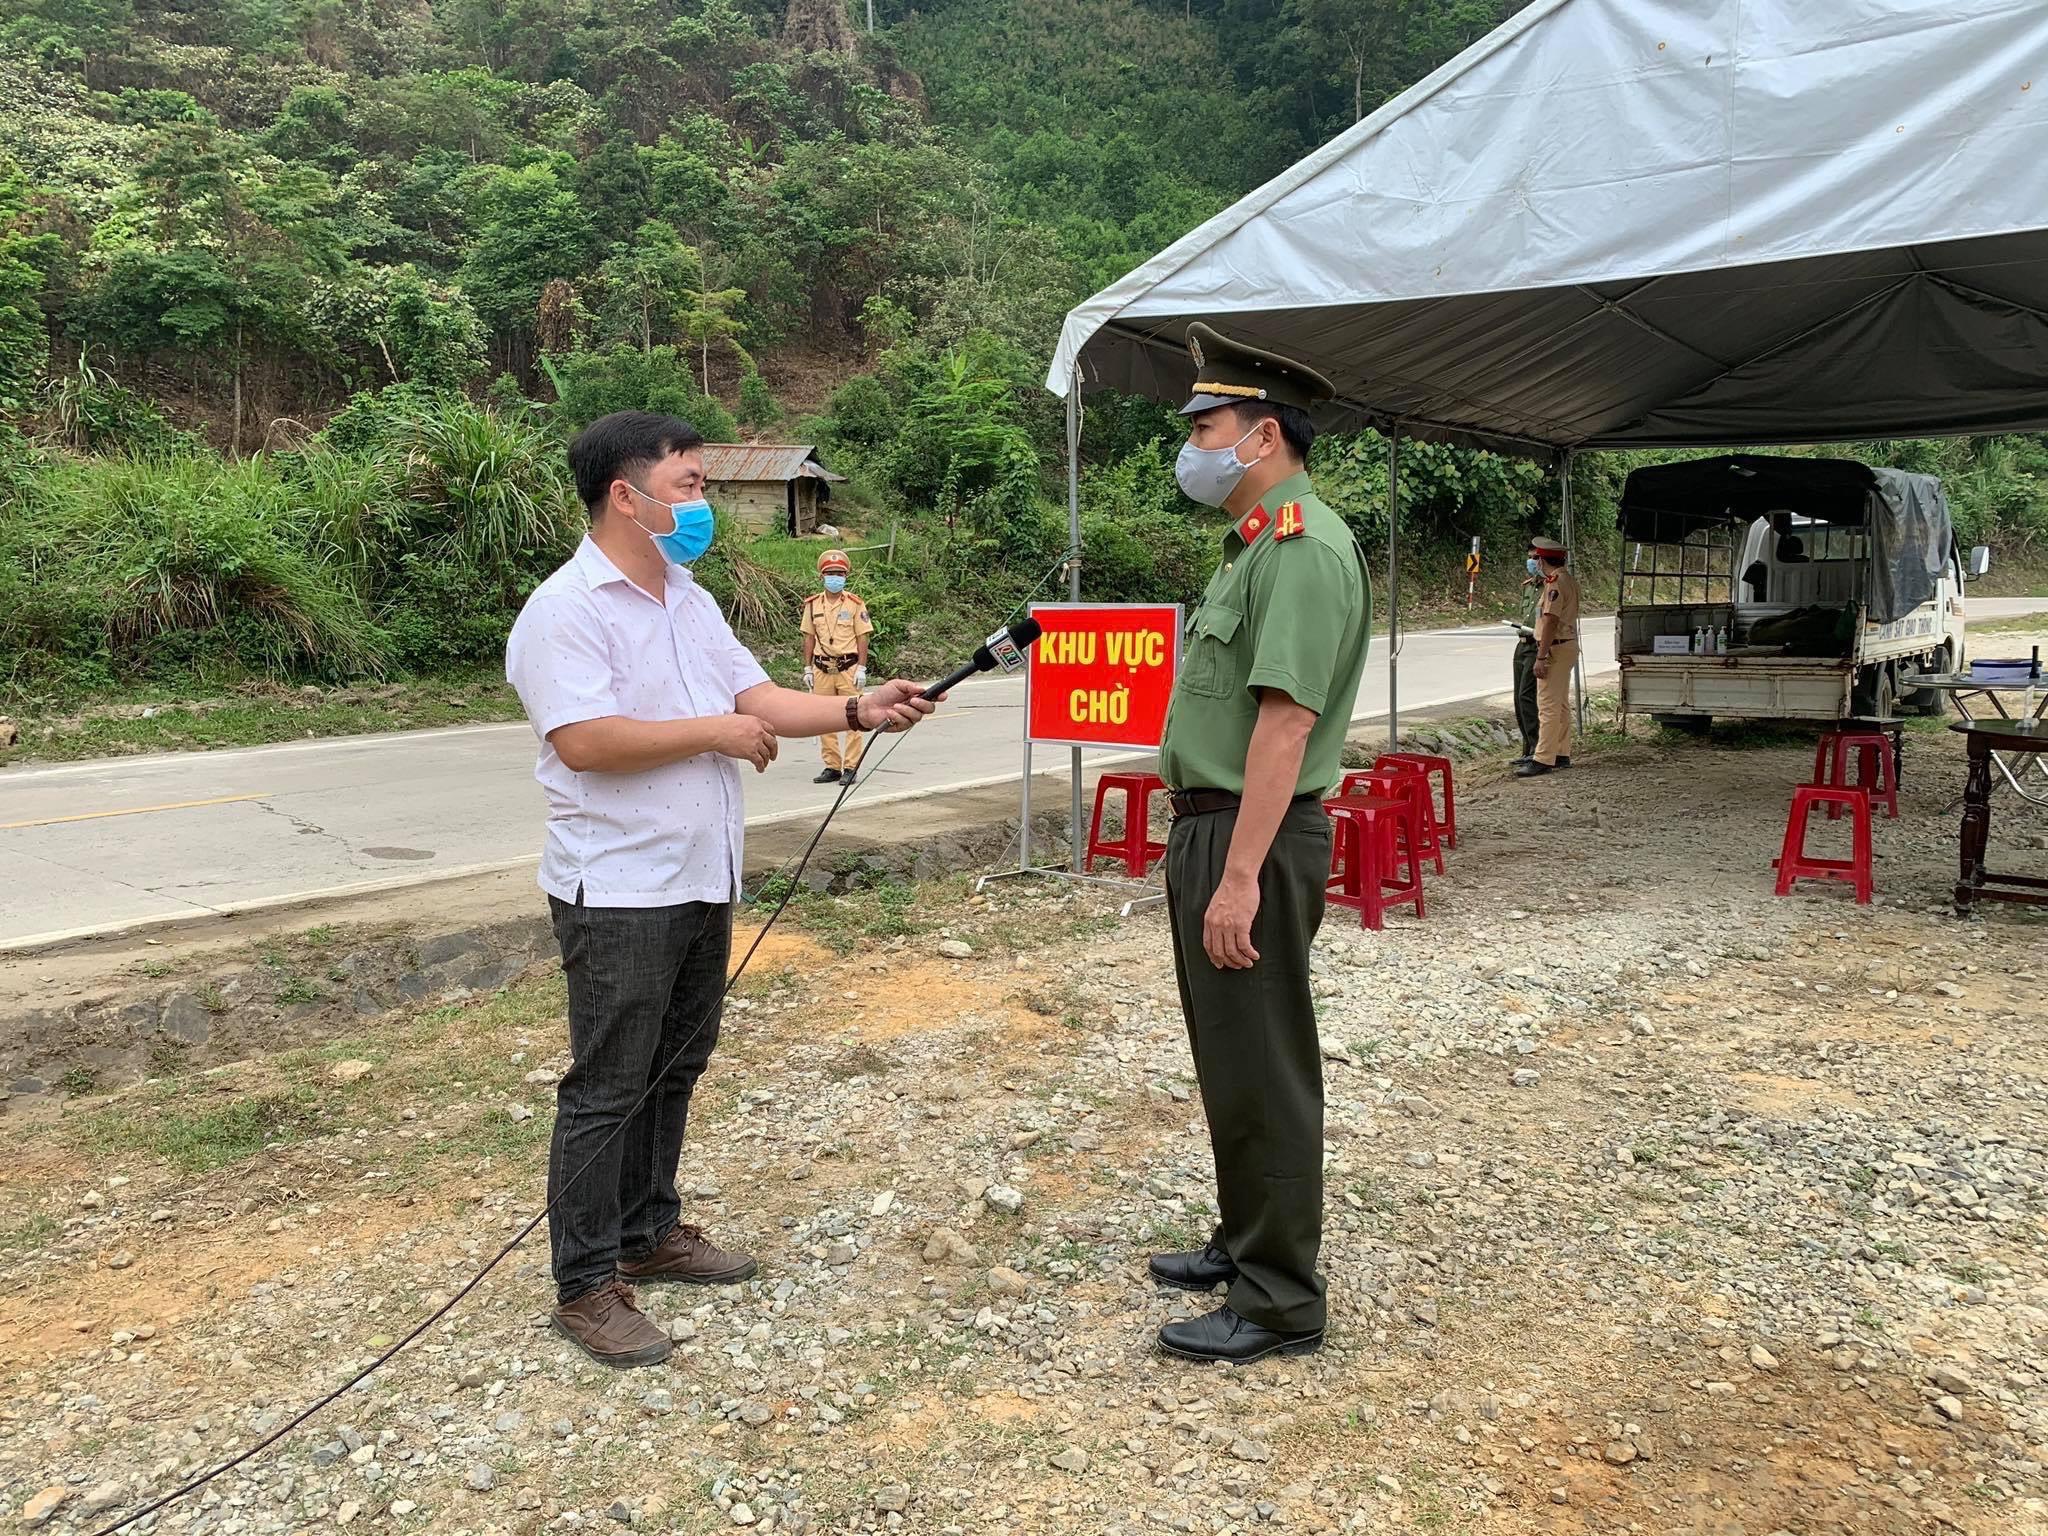 Phóng viên Bùi Tấn Sỹ tác nghiệp tại Đèo Lò xo, địa phận giáp ranh giữa huyện Phước Sơn, tỉnh Quảng Nam và huyện Đăk Glei, tỉnh KonTum.